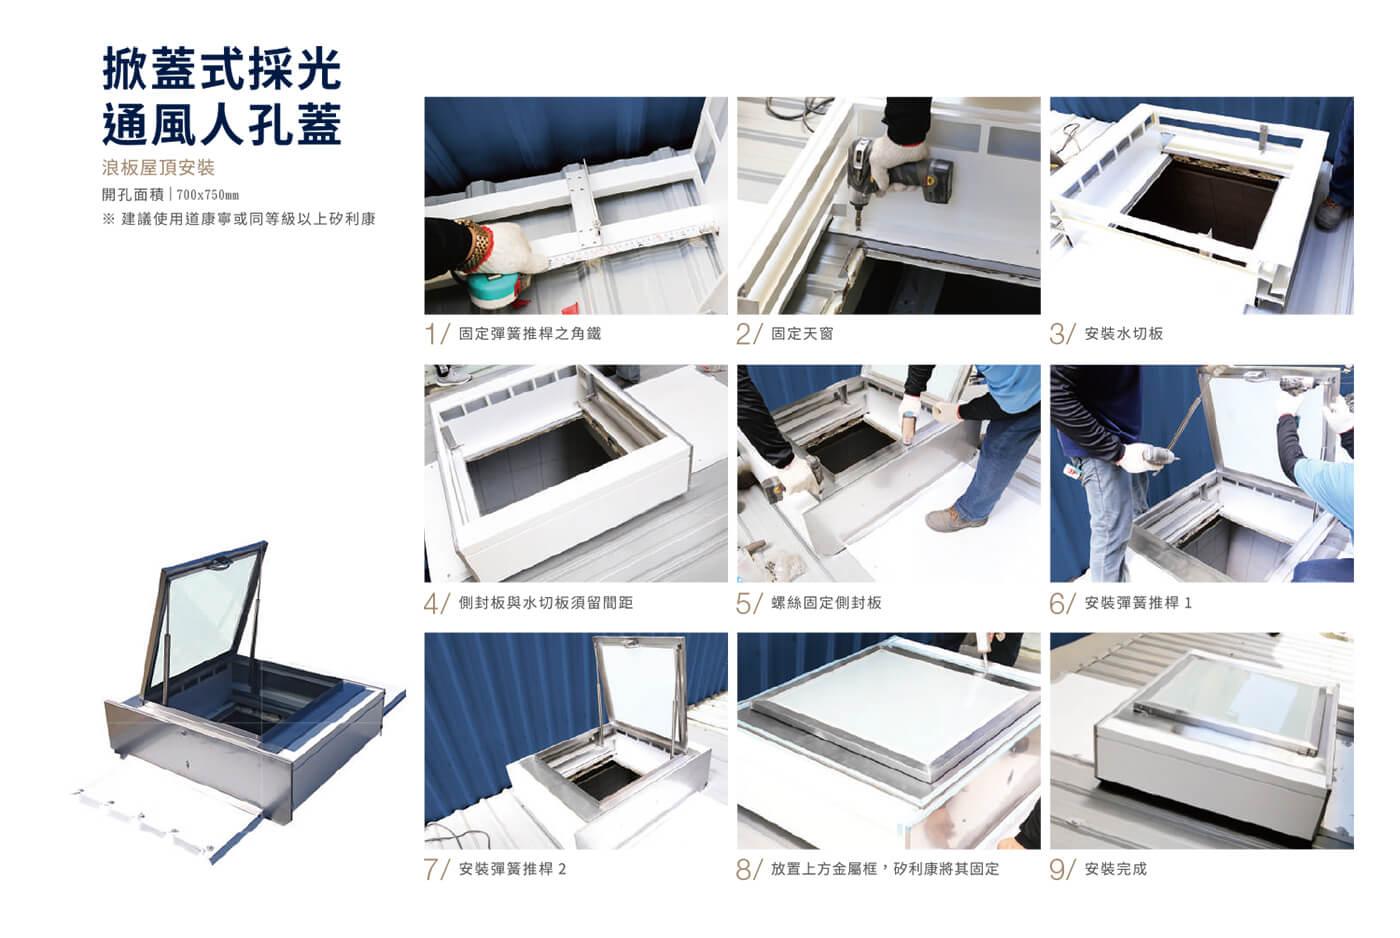 掀蓋式採光通風人孔蓋-簡易安裝流程